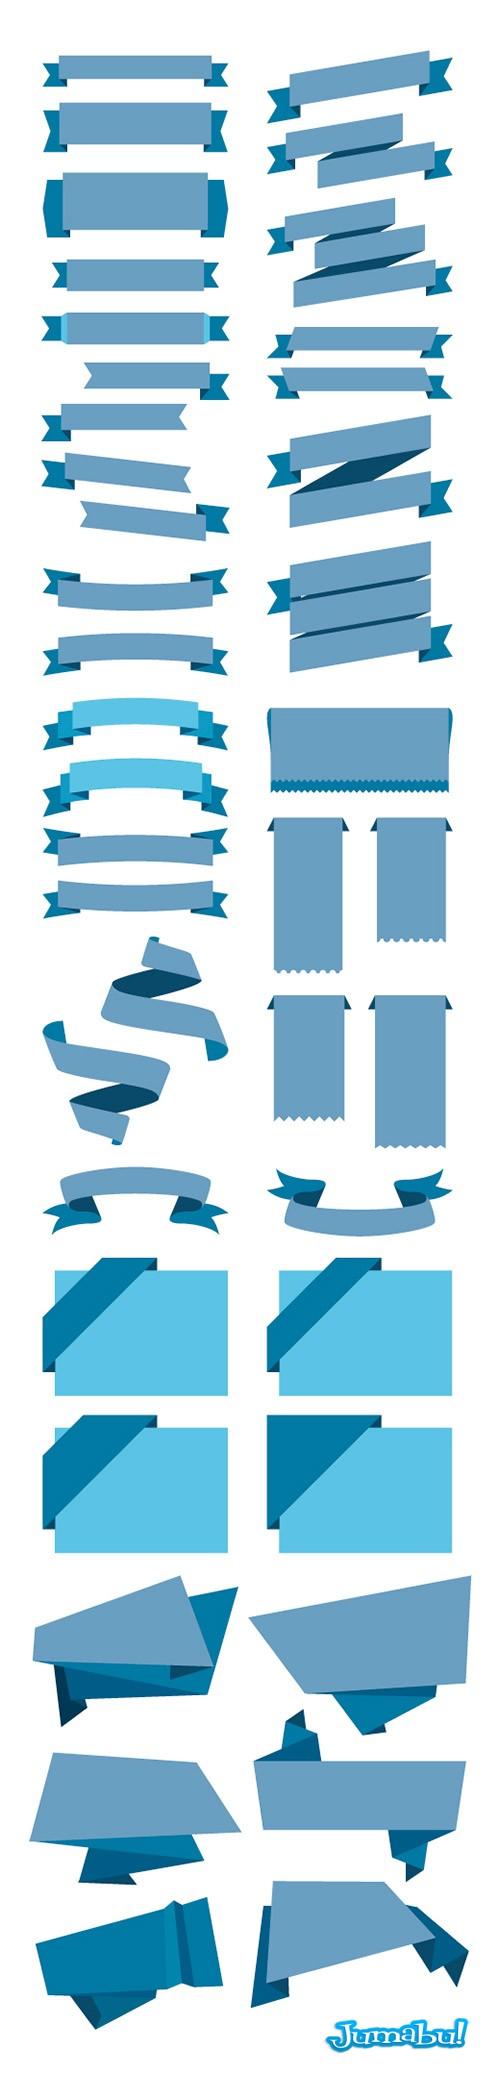 Ribbons-vectorizados-cintas-vectoriales